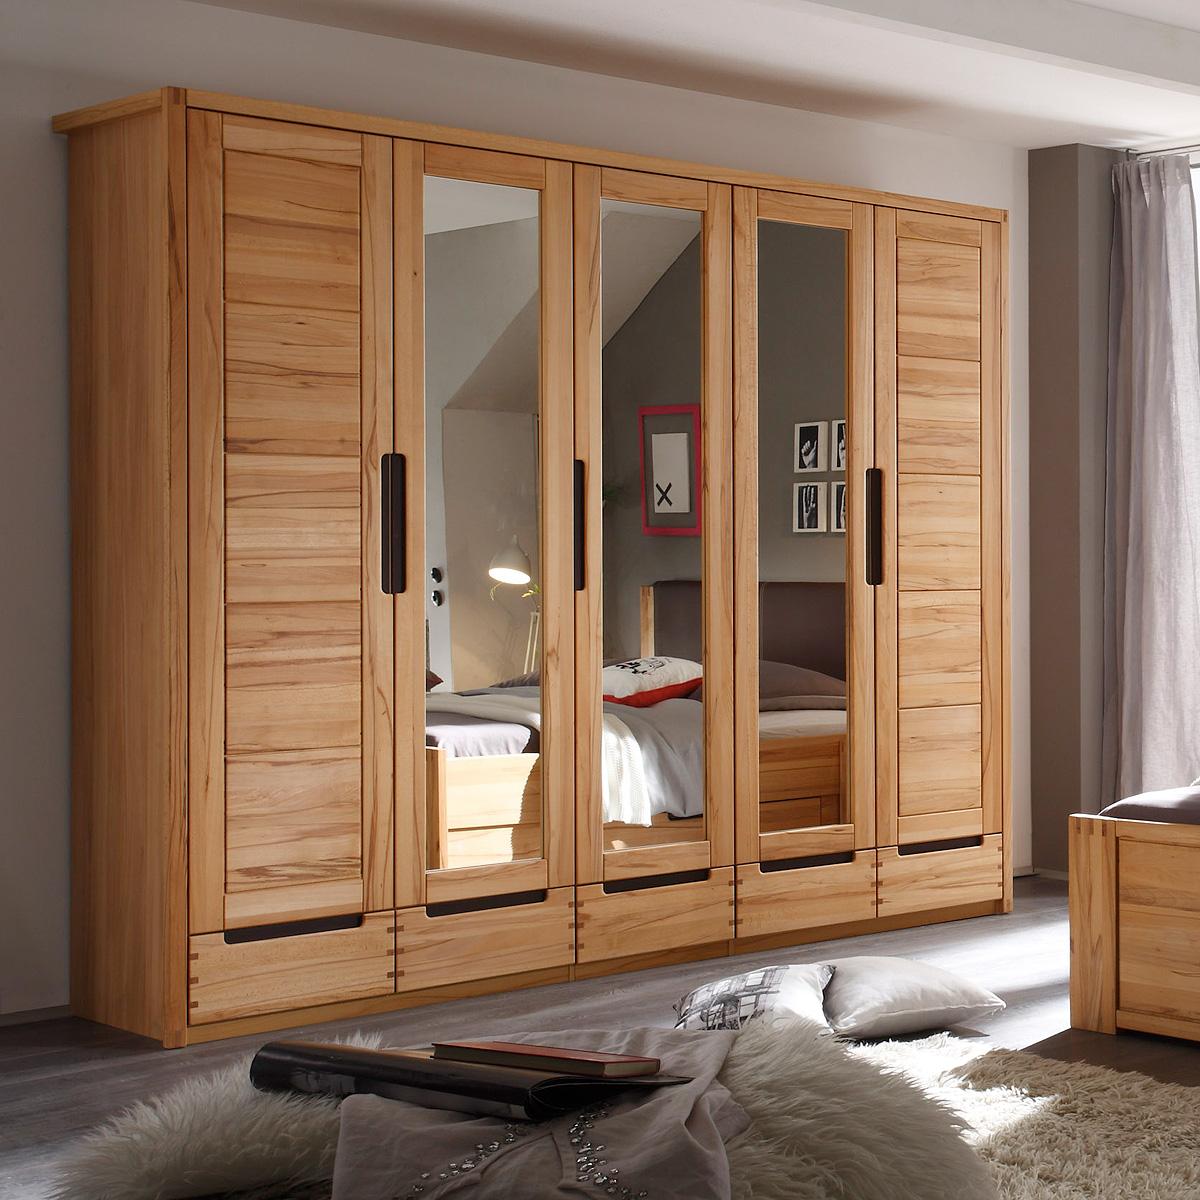 kleiderschrank colorado schrank schlafzimmerschrank kernbuche teilmassiv spiegel ebay. Black Bedroom Furniture Sets. Home Design Ideas